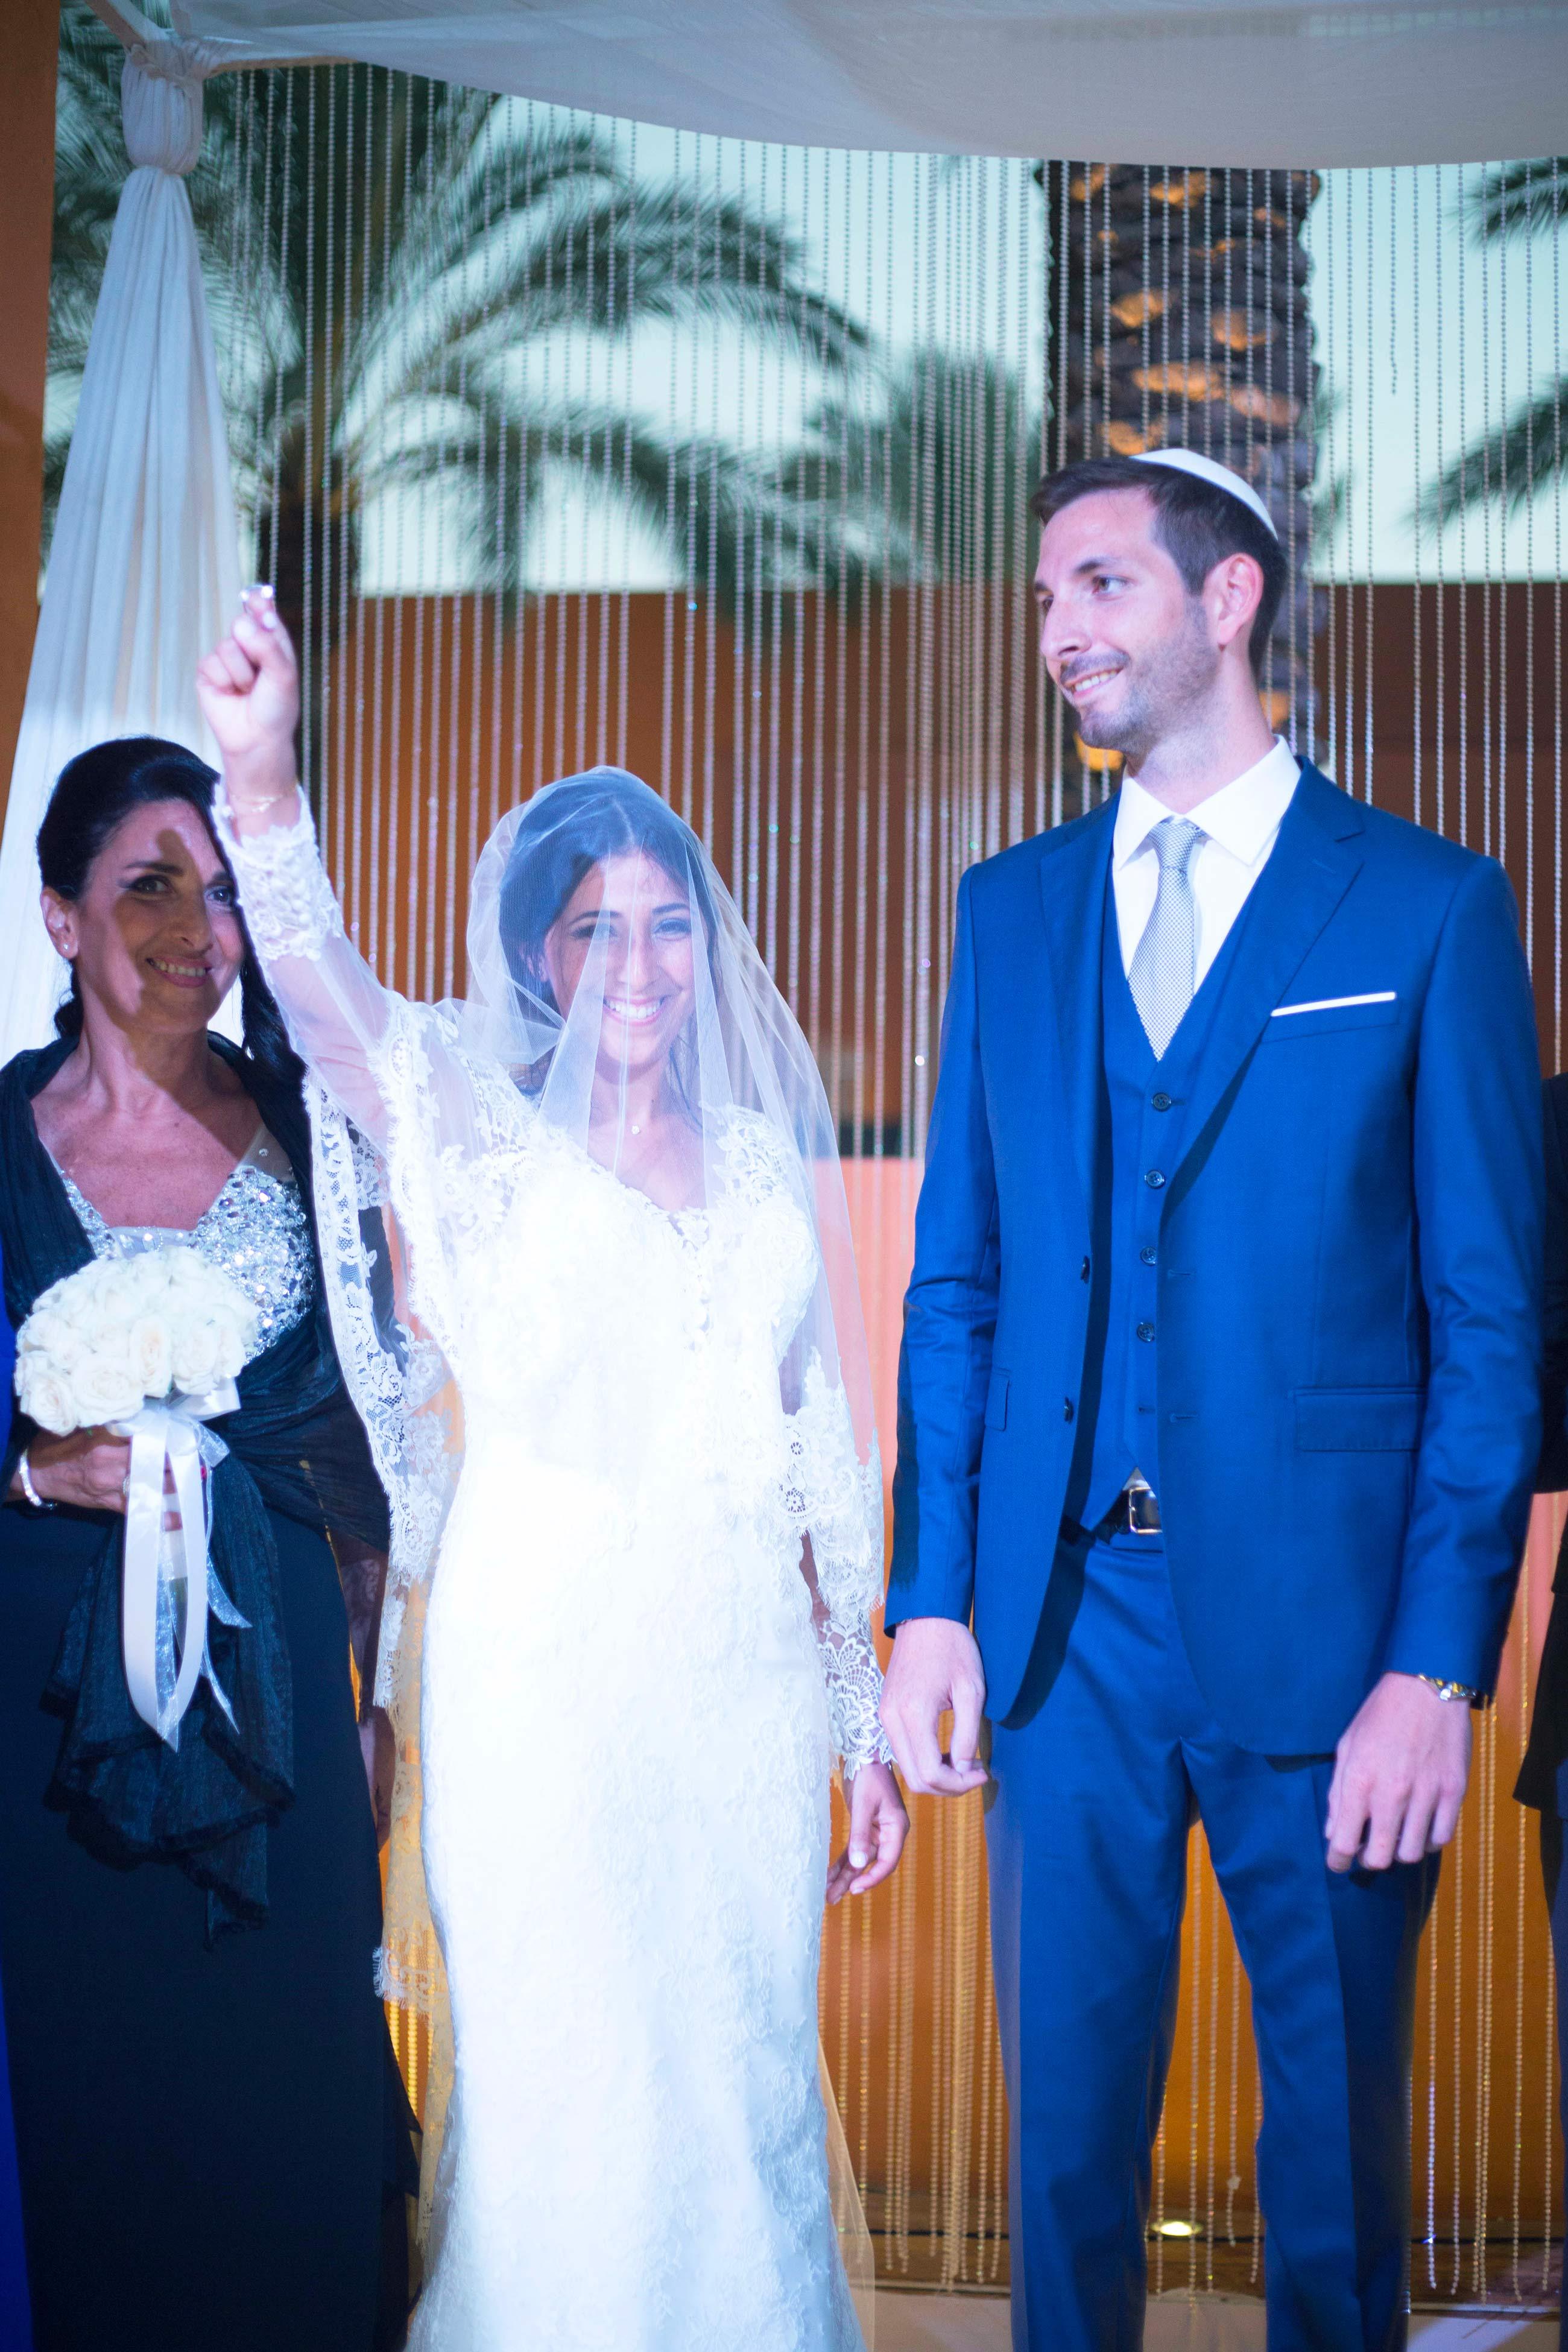 lea-jeremie-mariage-tel-aviv-israel-photographe-paris-video45